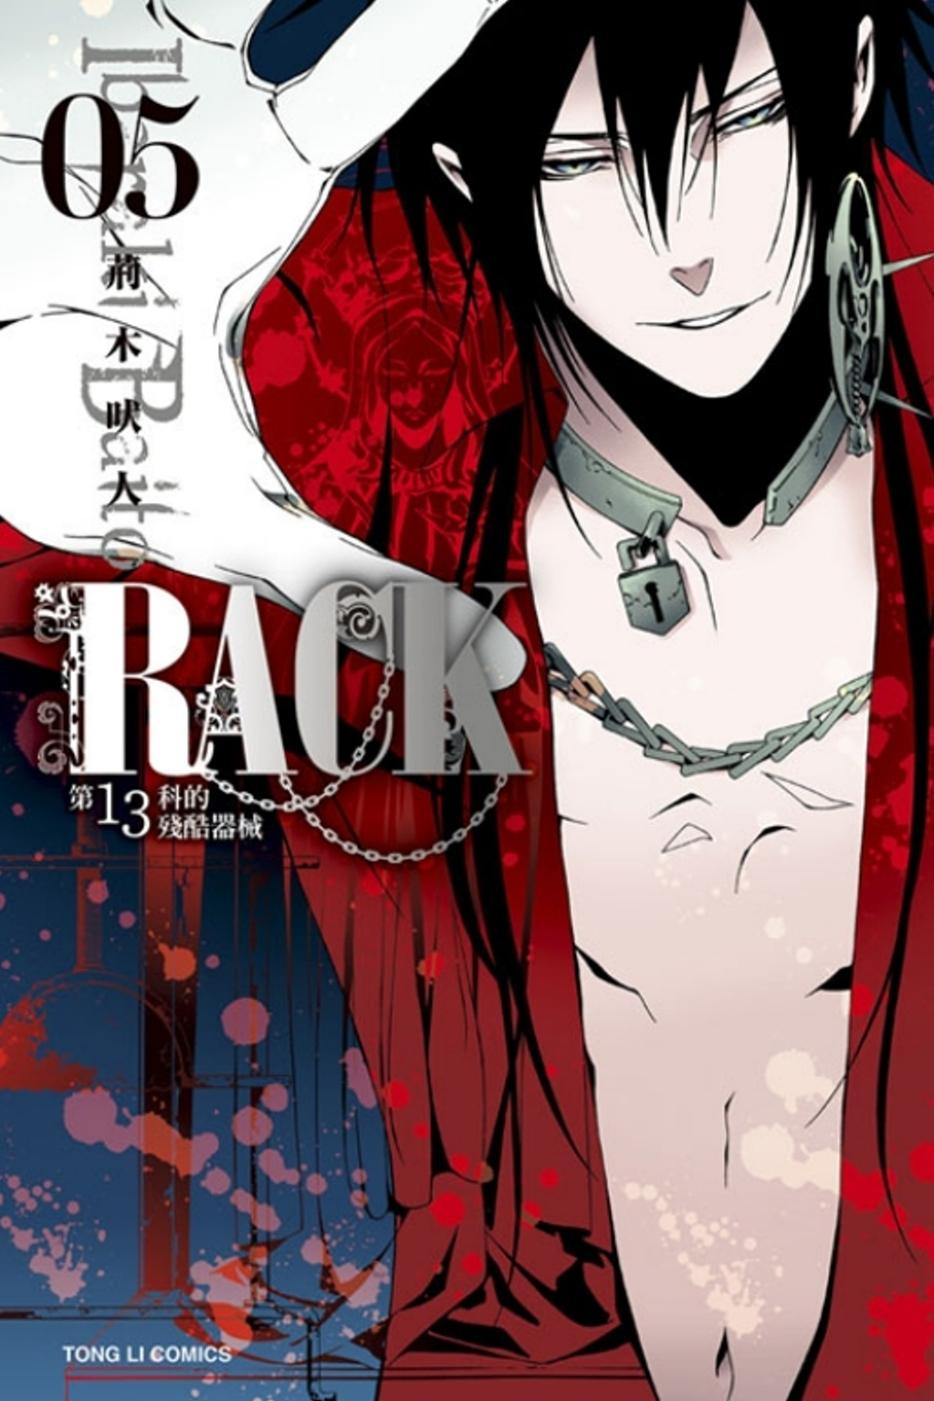 RACK第13科的残酷器械 5